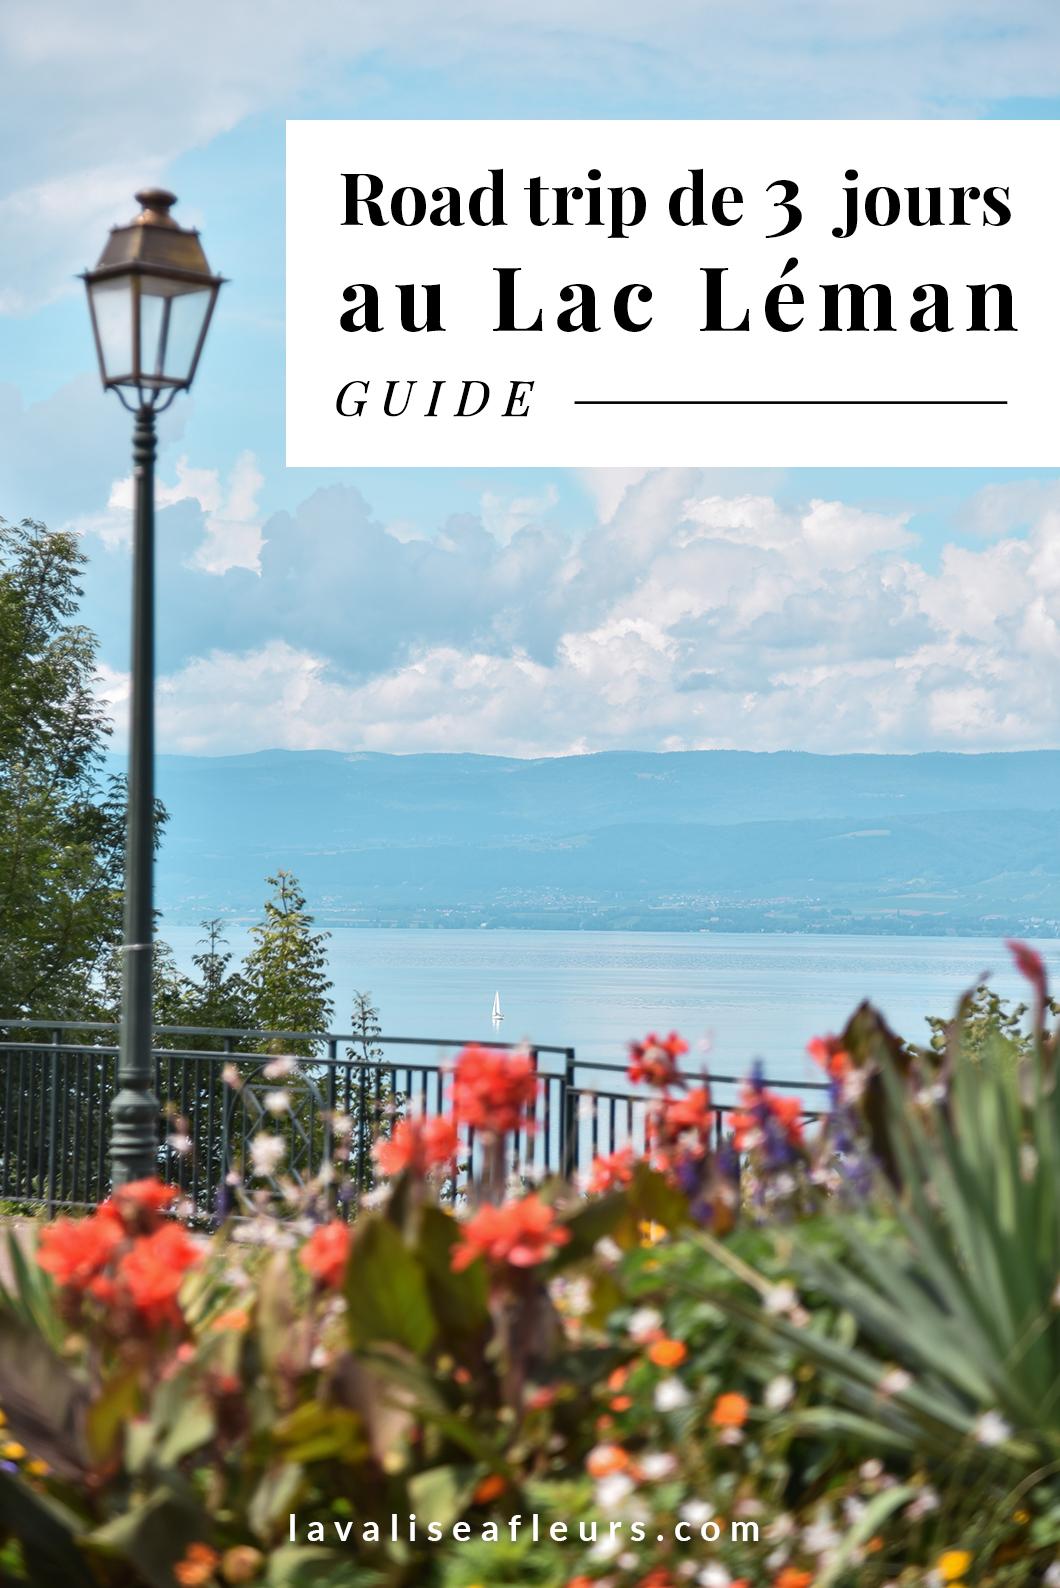 Road trip de 3 jours au Lac Léman